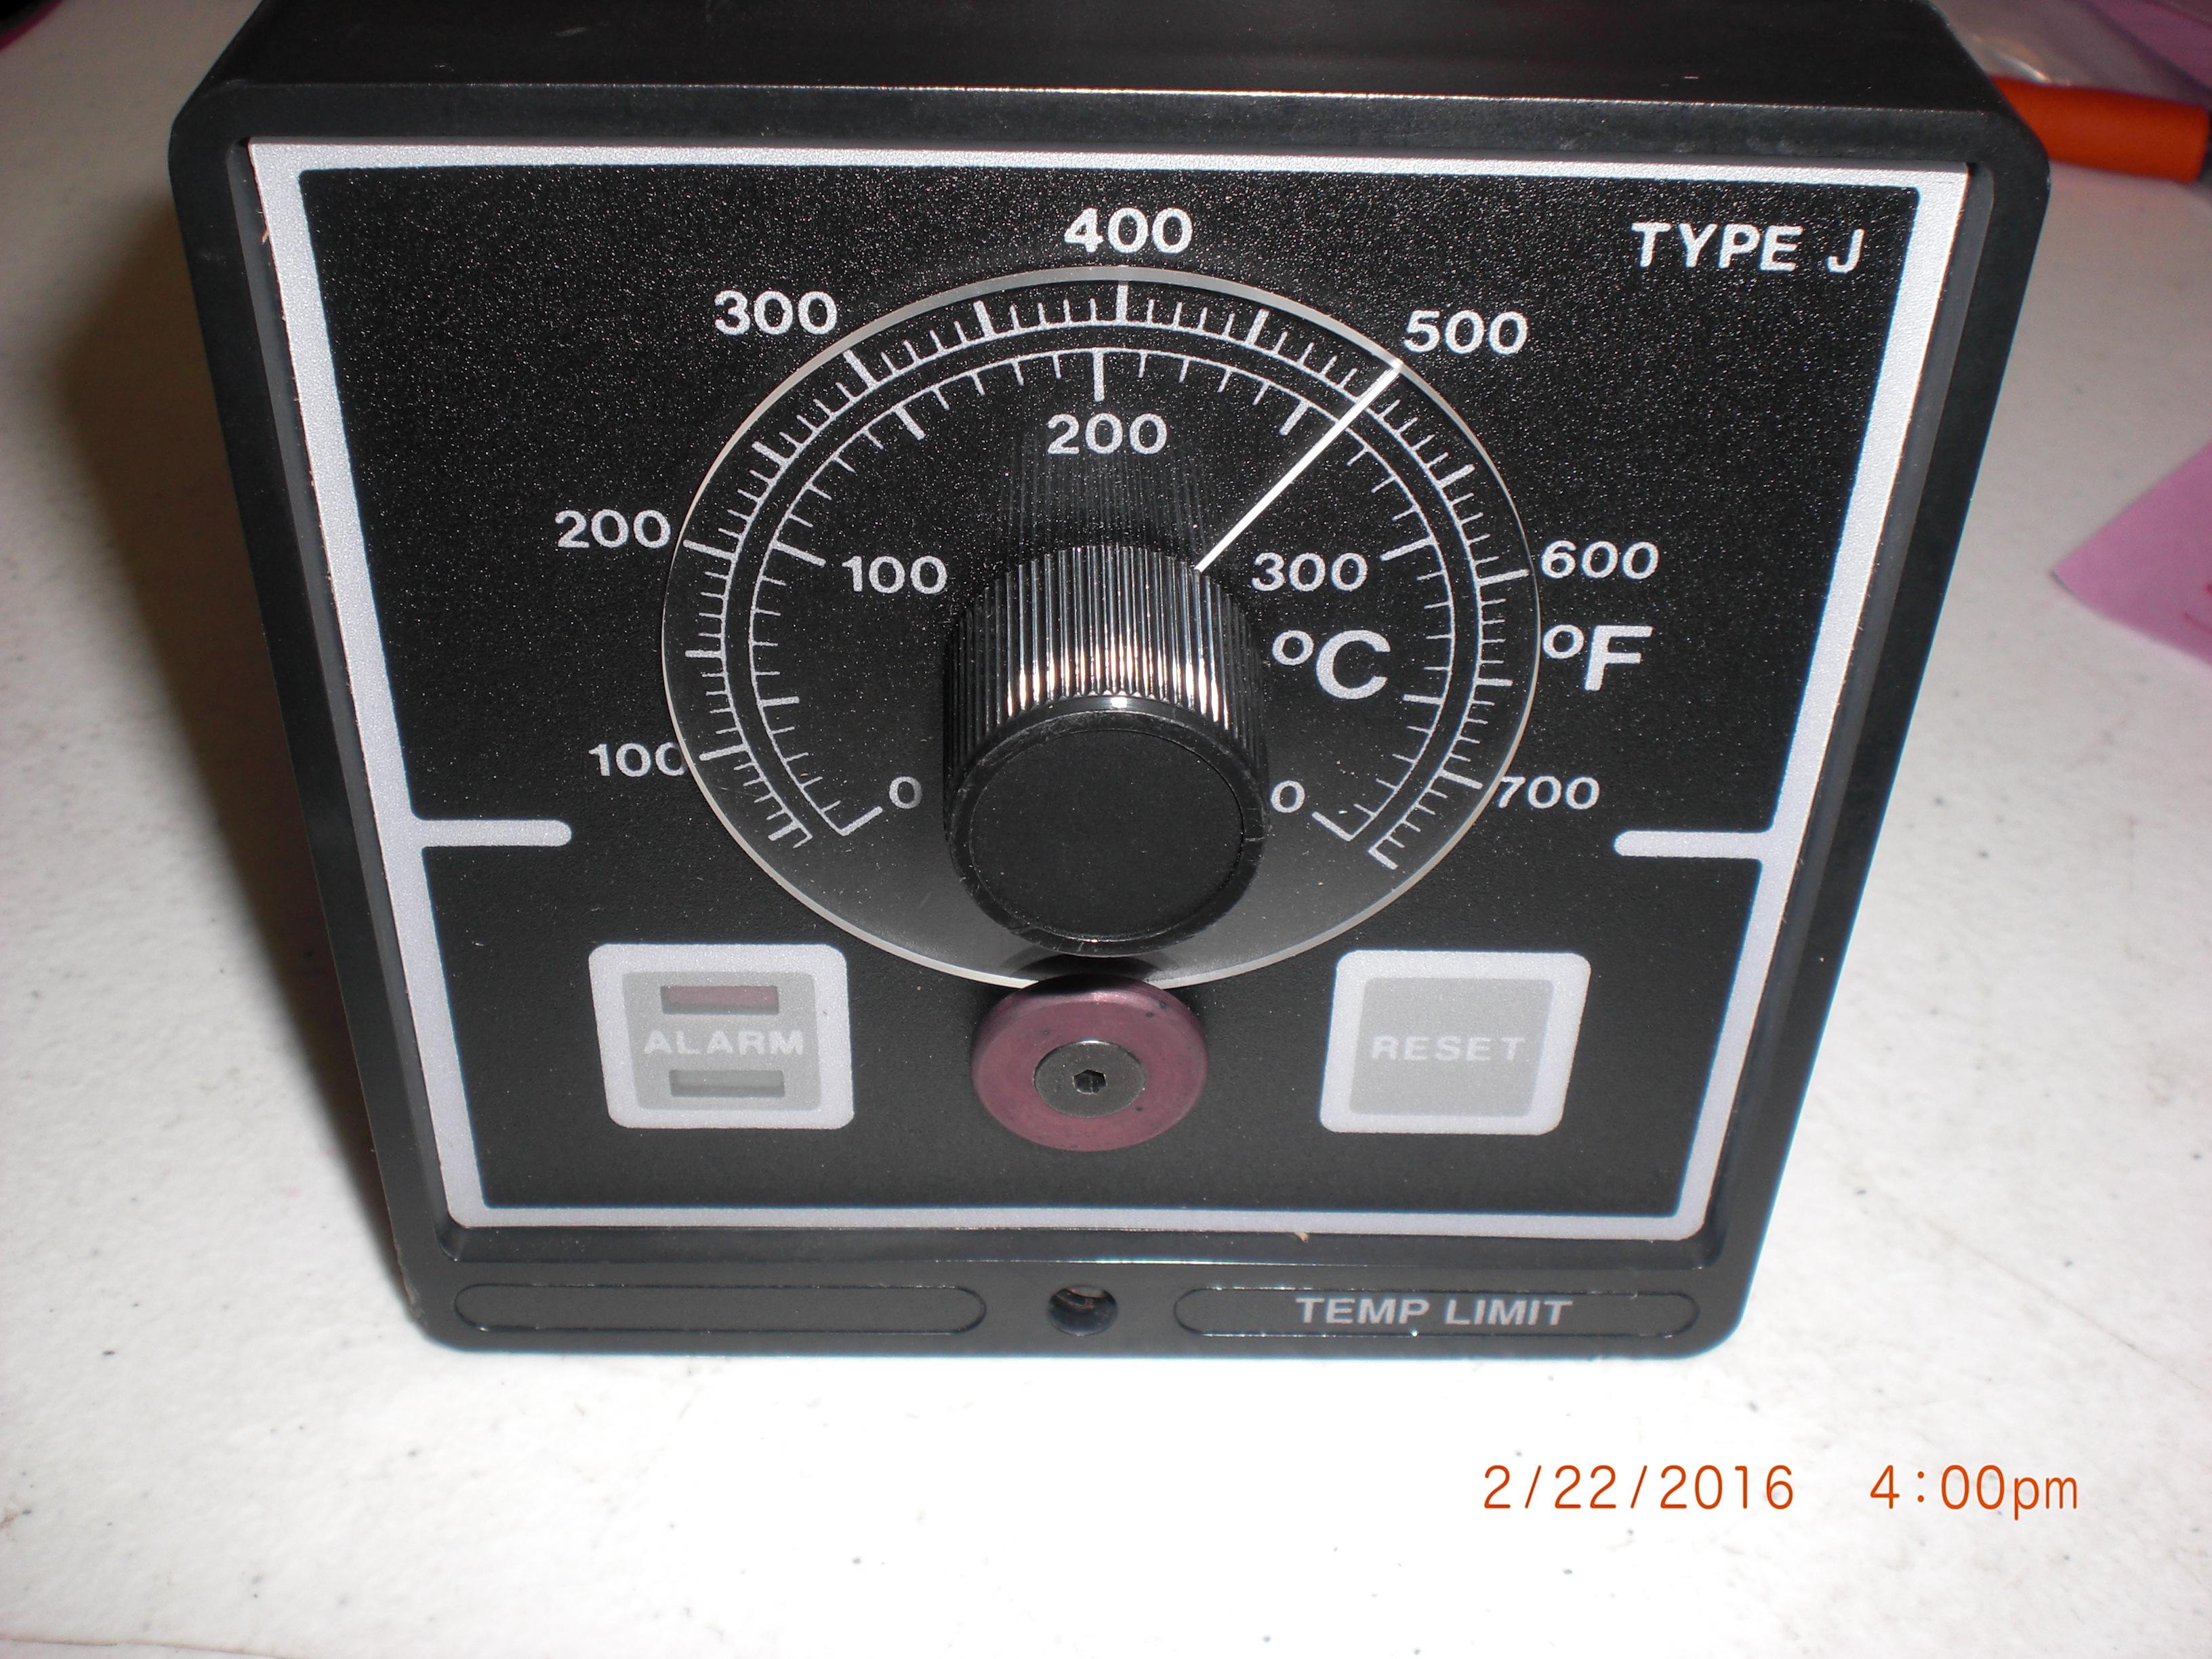 Controller BLUE M ELECTRIC  62517001 Temp Limit  TYPE J